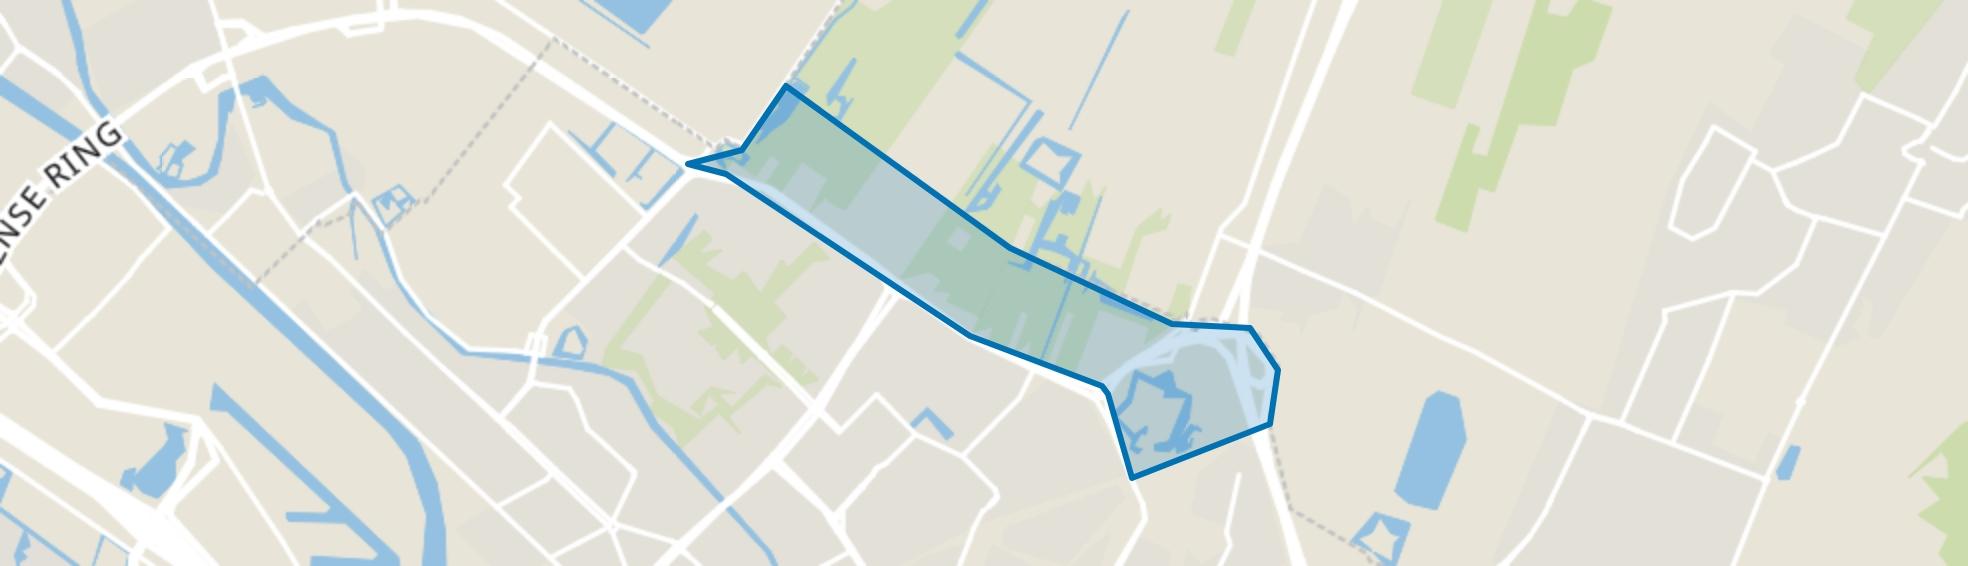 Poldergebied Overvecht, Utrecht map